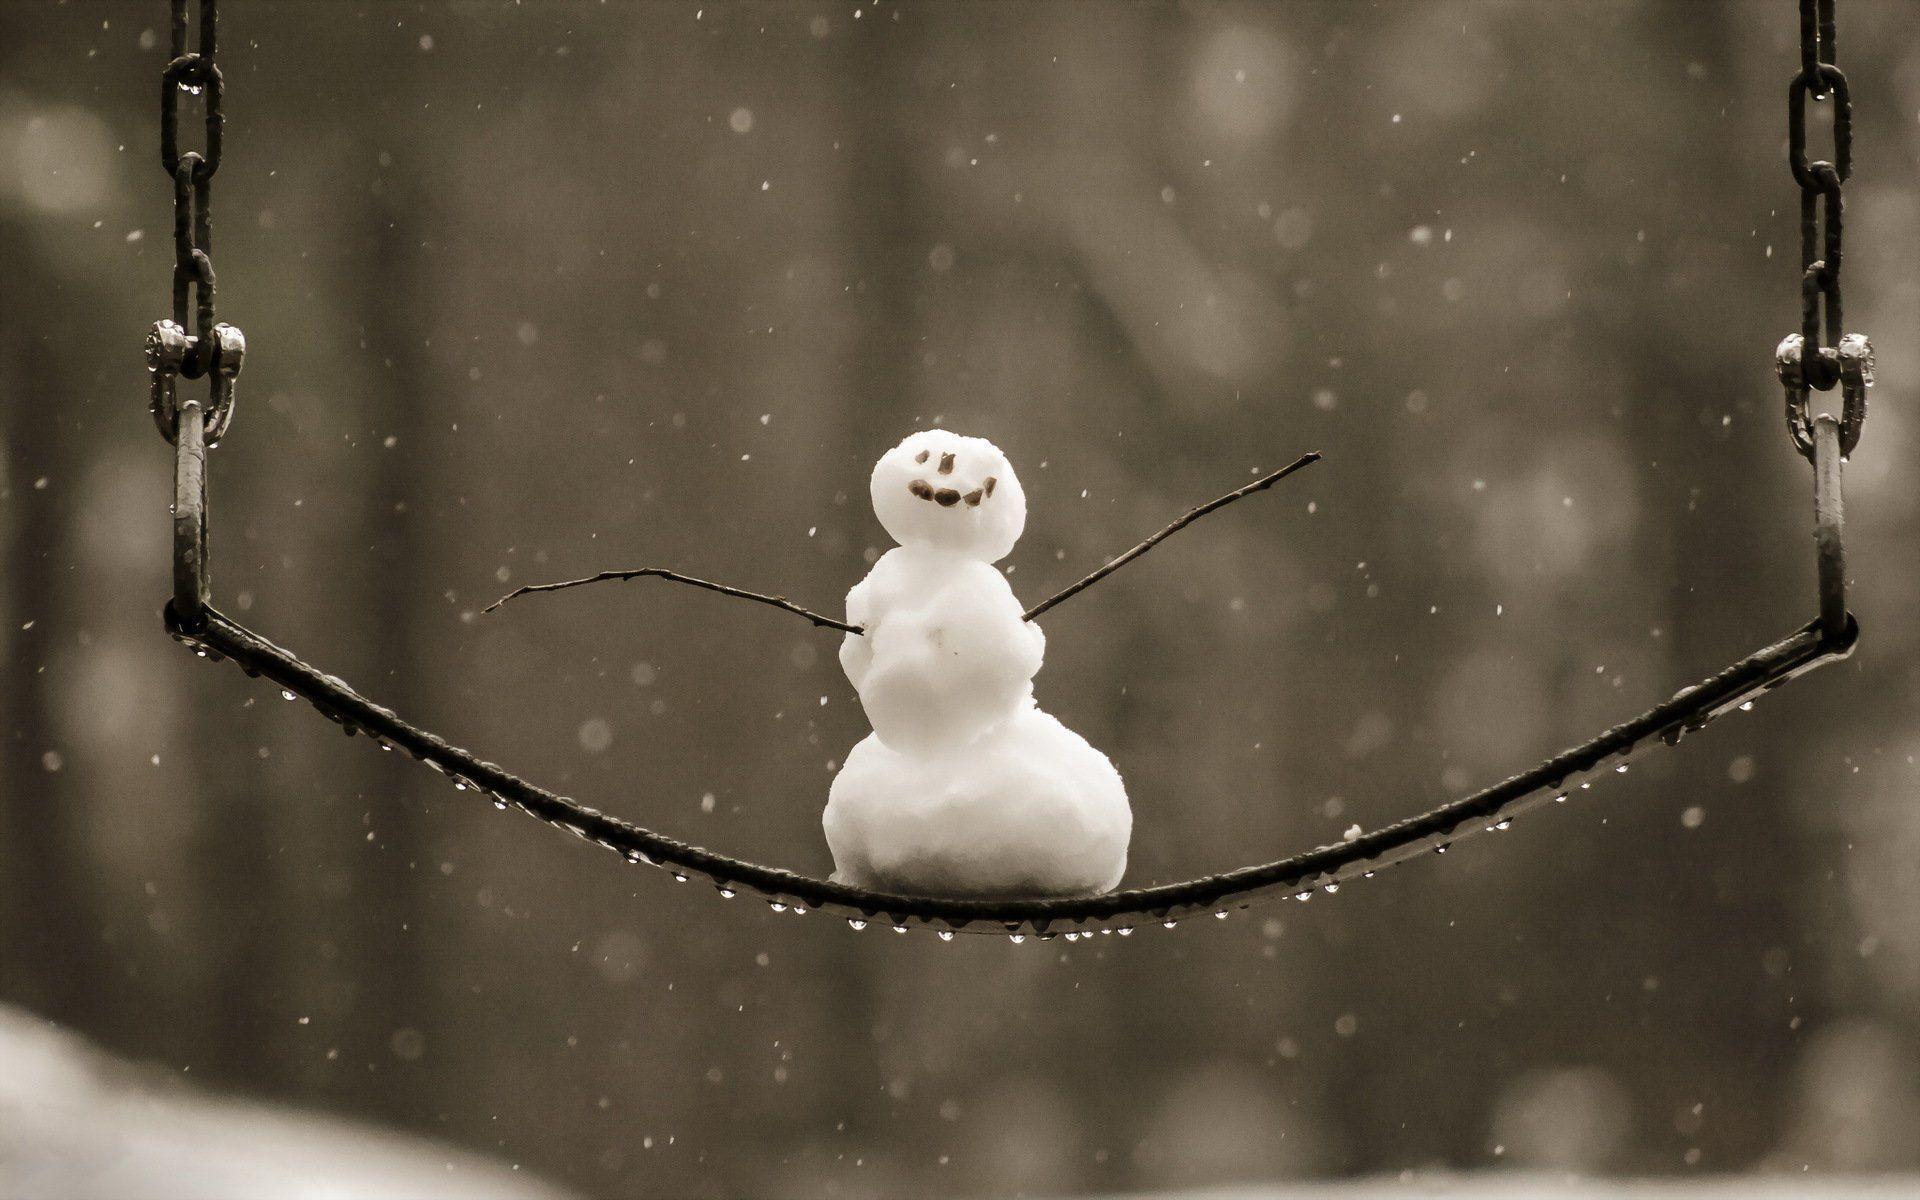 snowman swing winter HD wallpaper